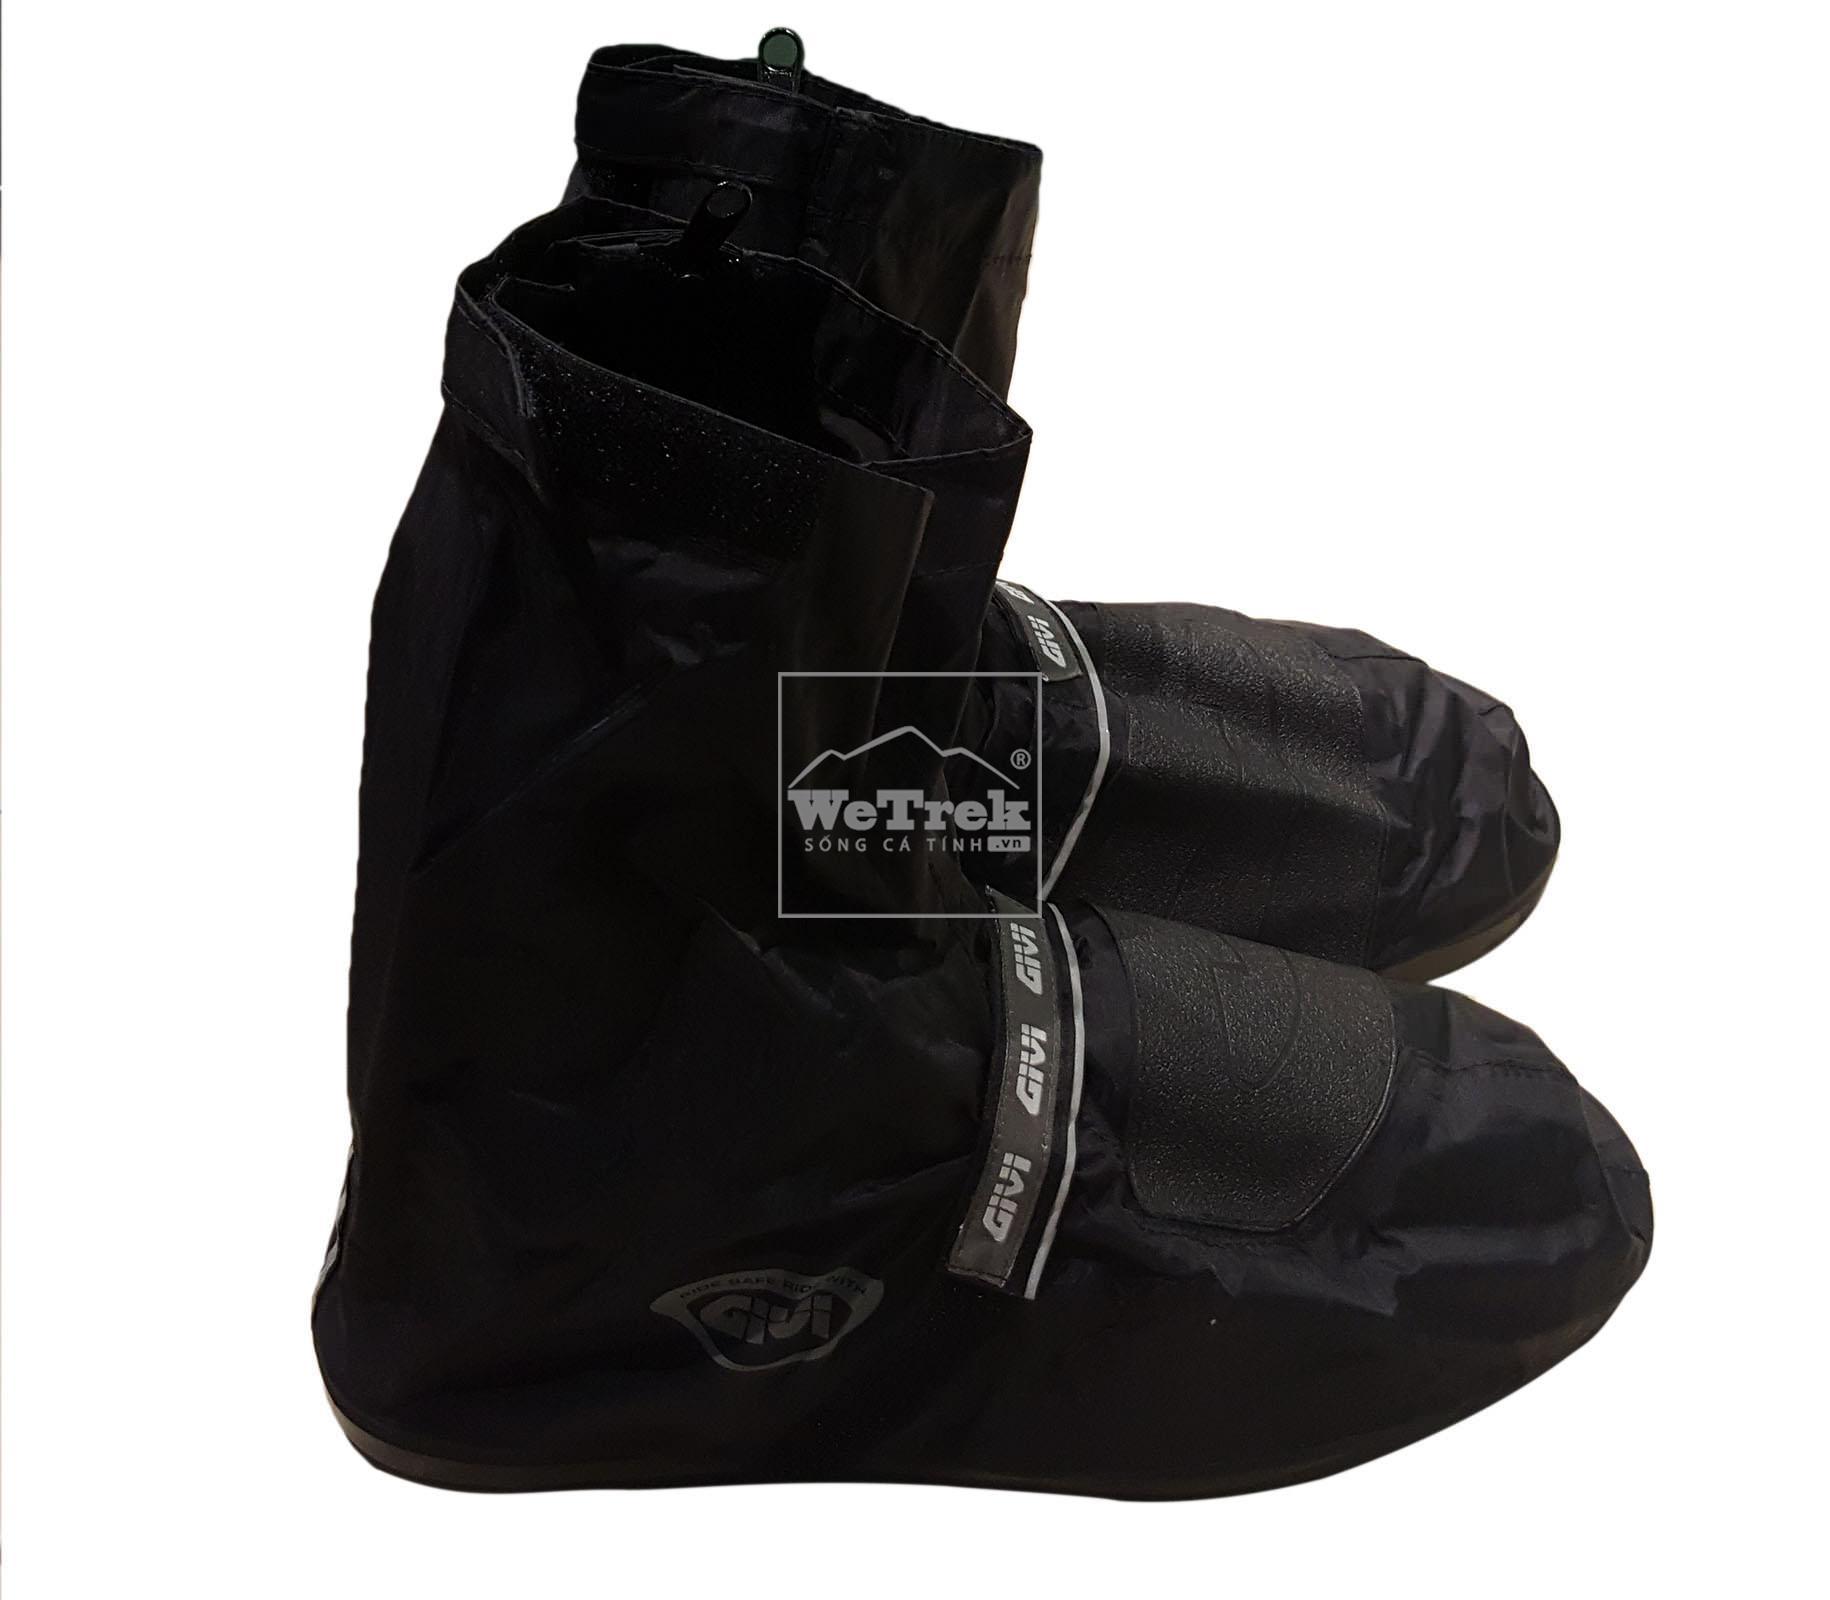 giay-di-mua-givi-twinshield-rain-shoes-rs04-wetrek.vn-3387